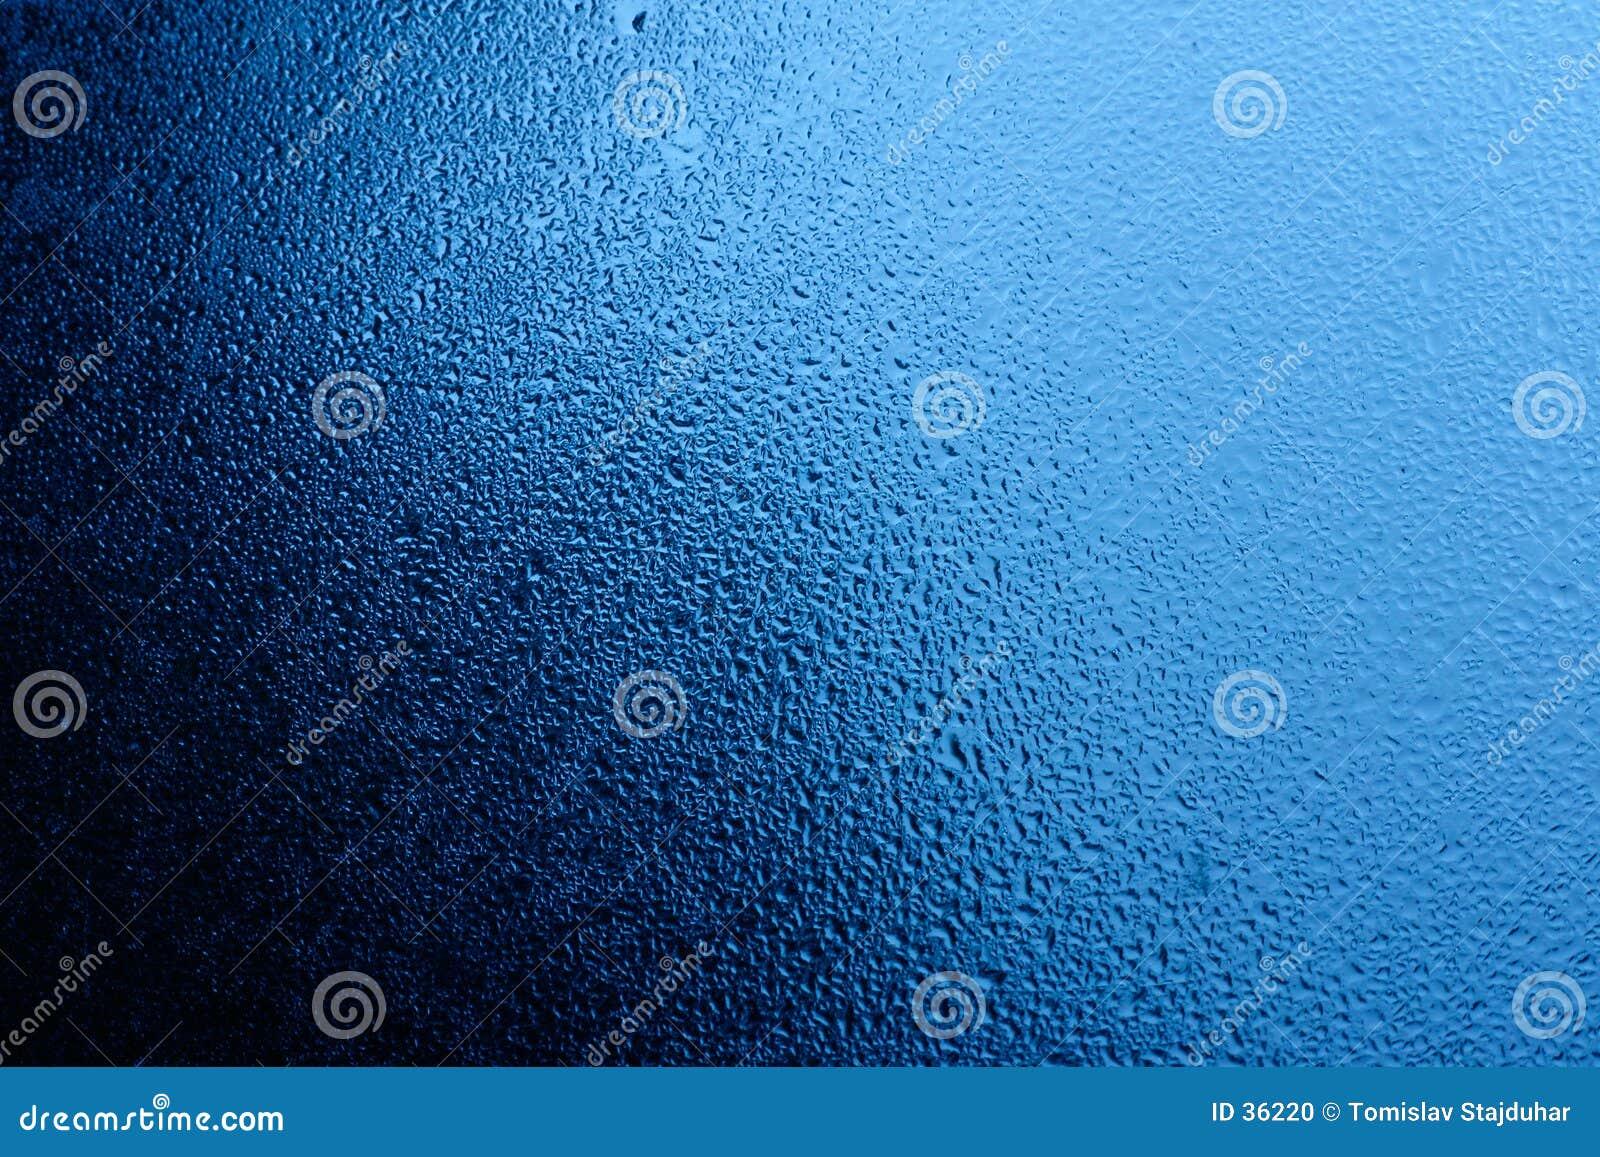 Blue water on window